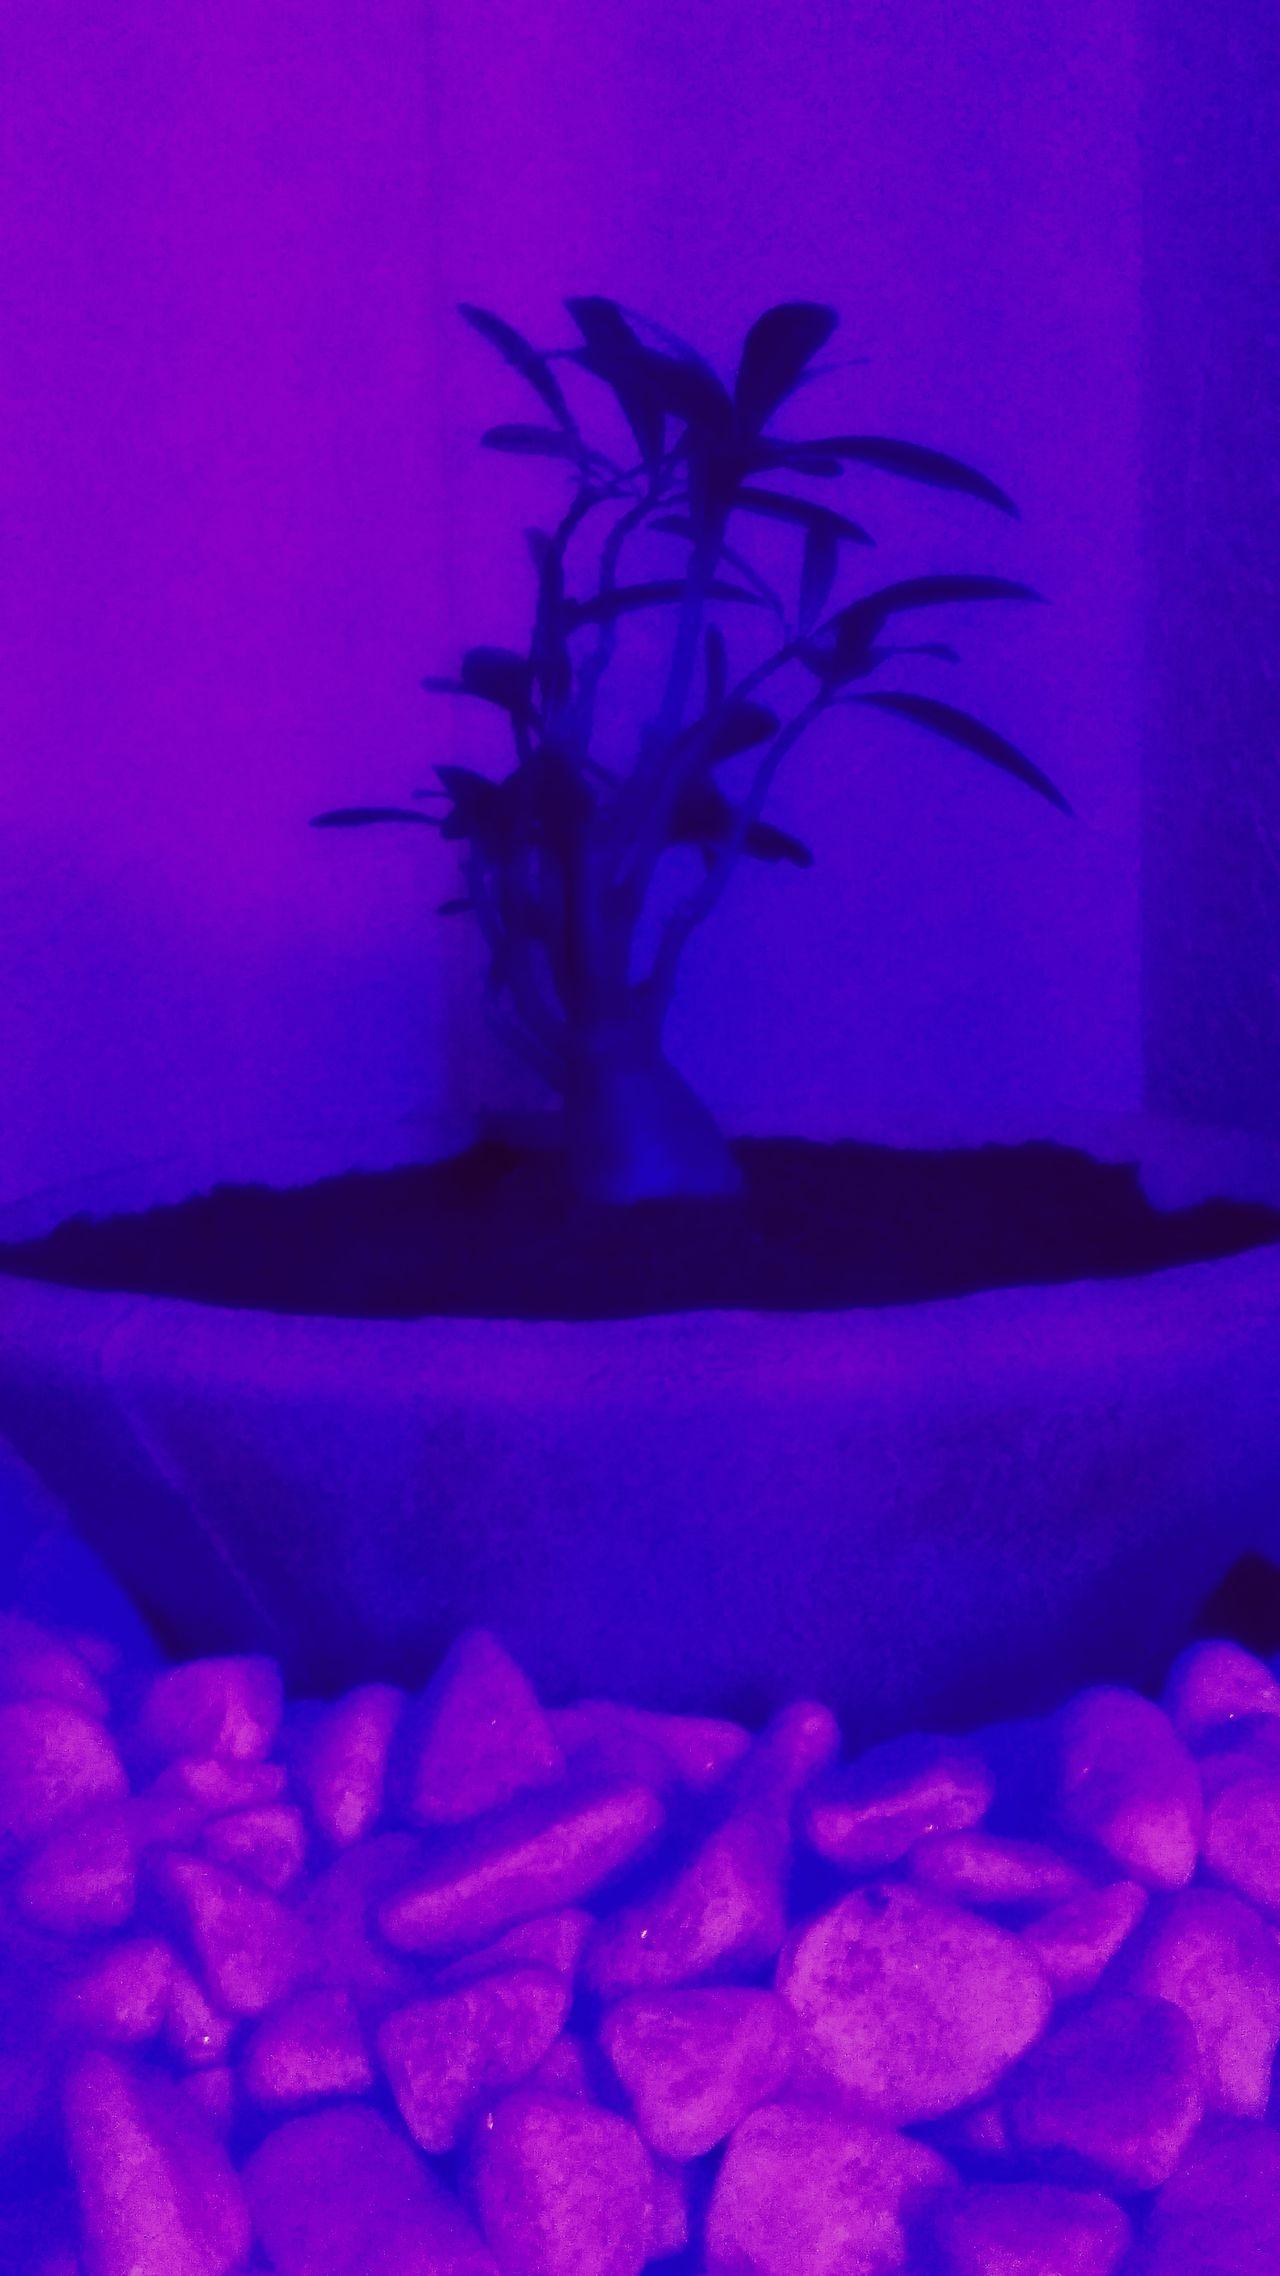 Flowers 🌸🌸🌸 Desert Flower Rock And Plant Deep Purple Zen Place Meditation Peace Mindfulness Moment Millennial Pink